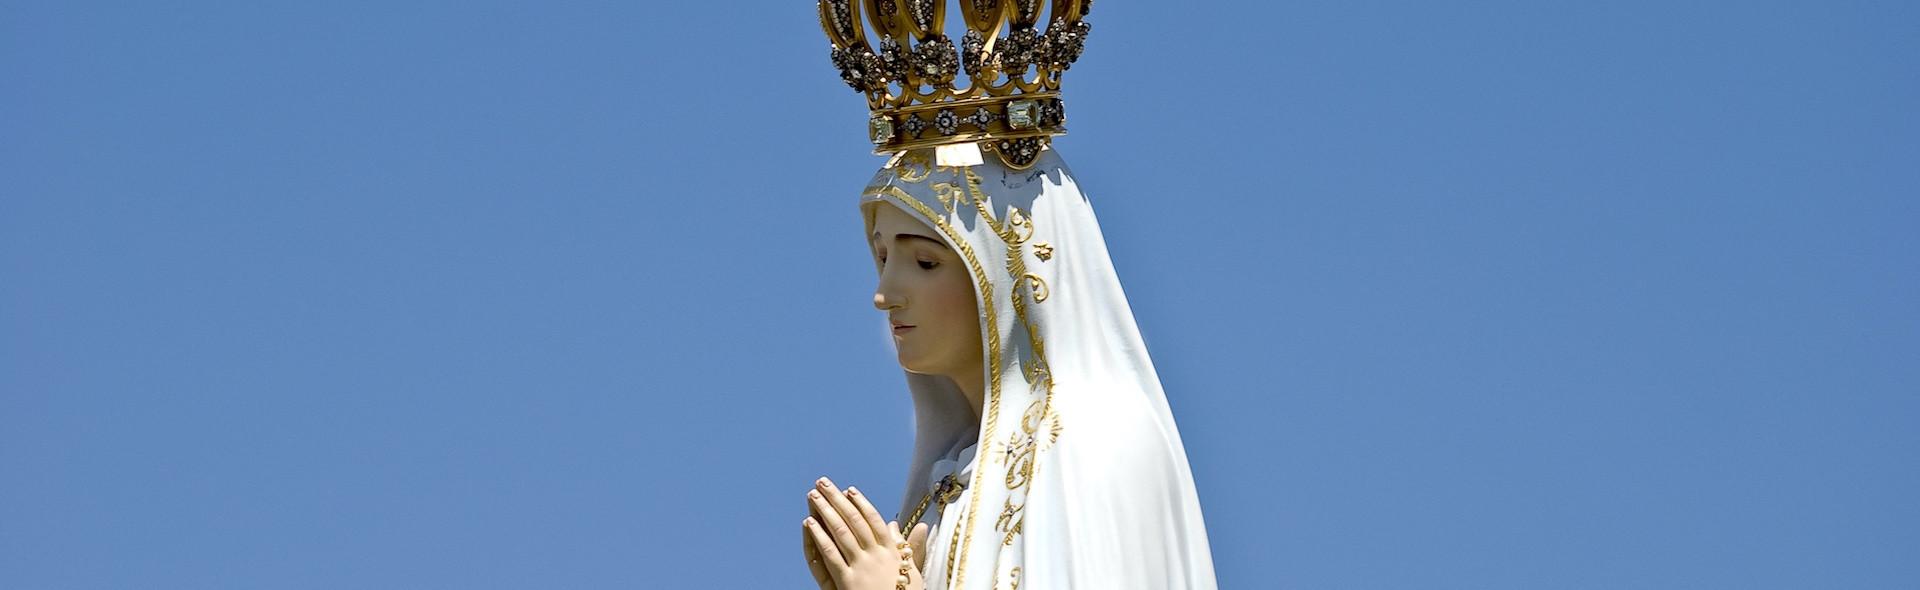 Pellegrinaggio a Fatima da Roma 13 Maggio